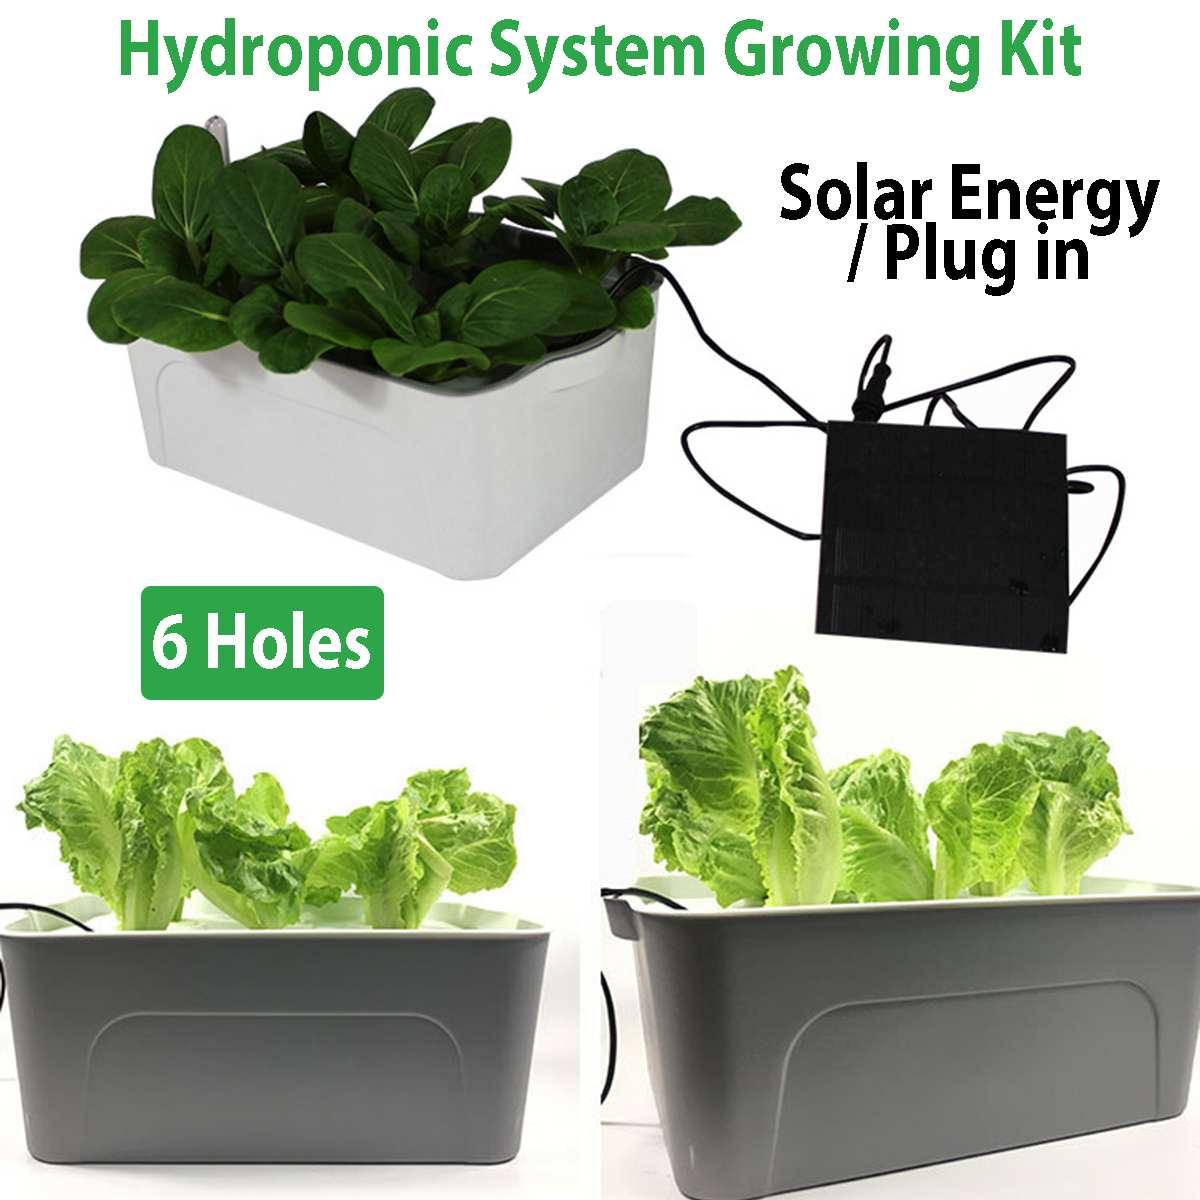 Солнечная энергия гидропонная система садовые растения горшки для овощей Soilless сеялки 6 отверстий оборудование для выращивания коробок дет...